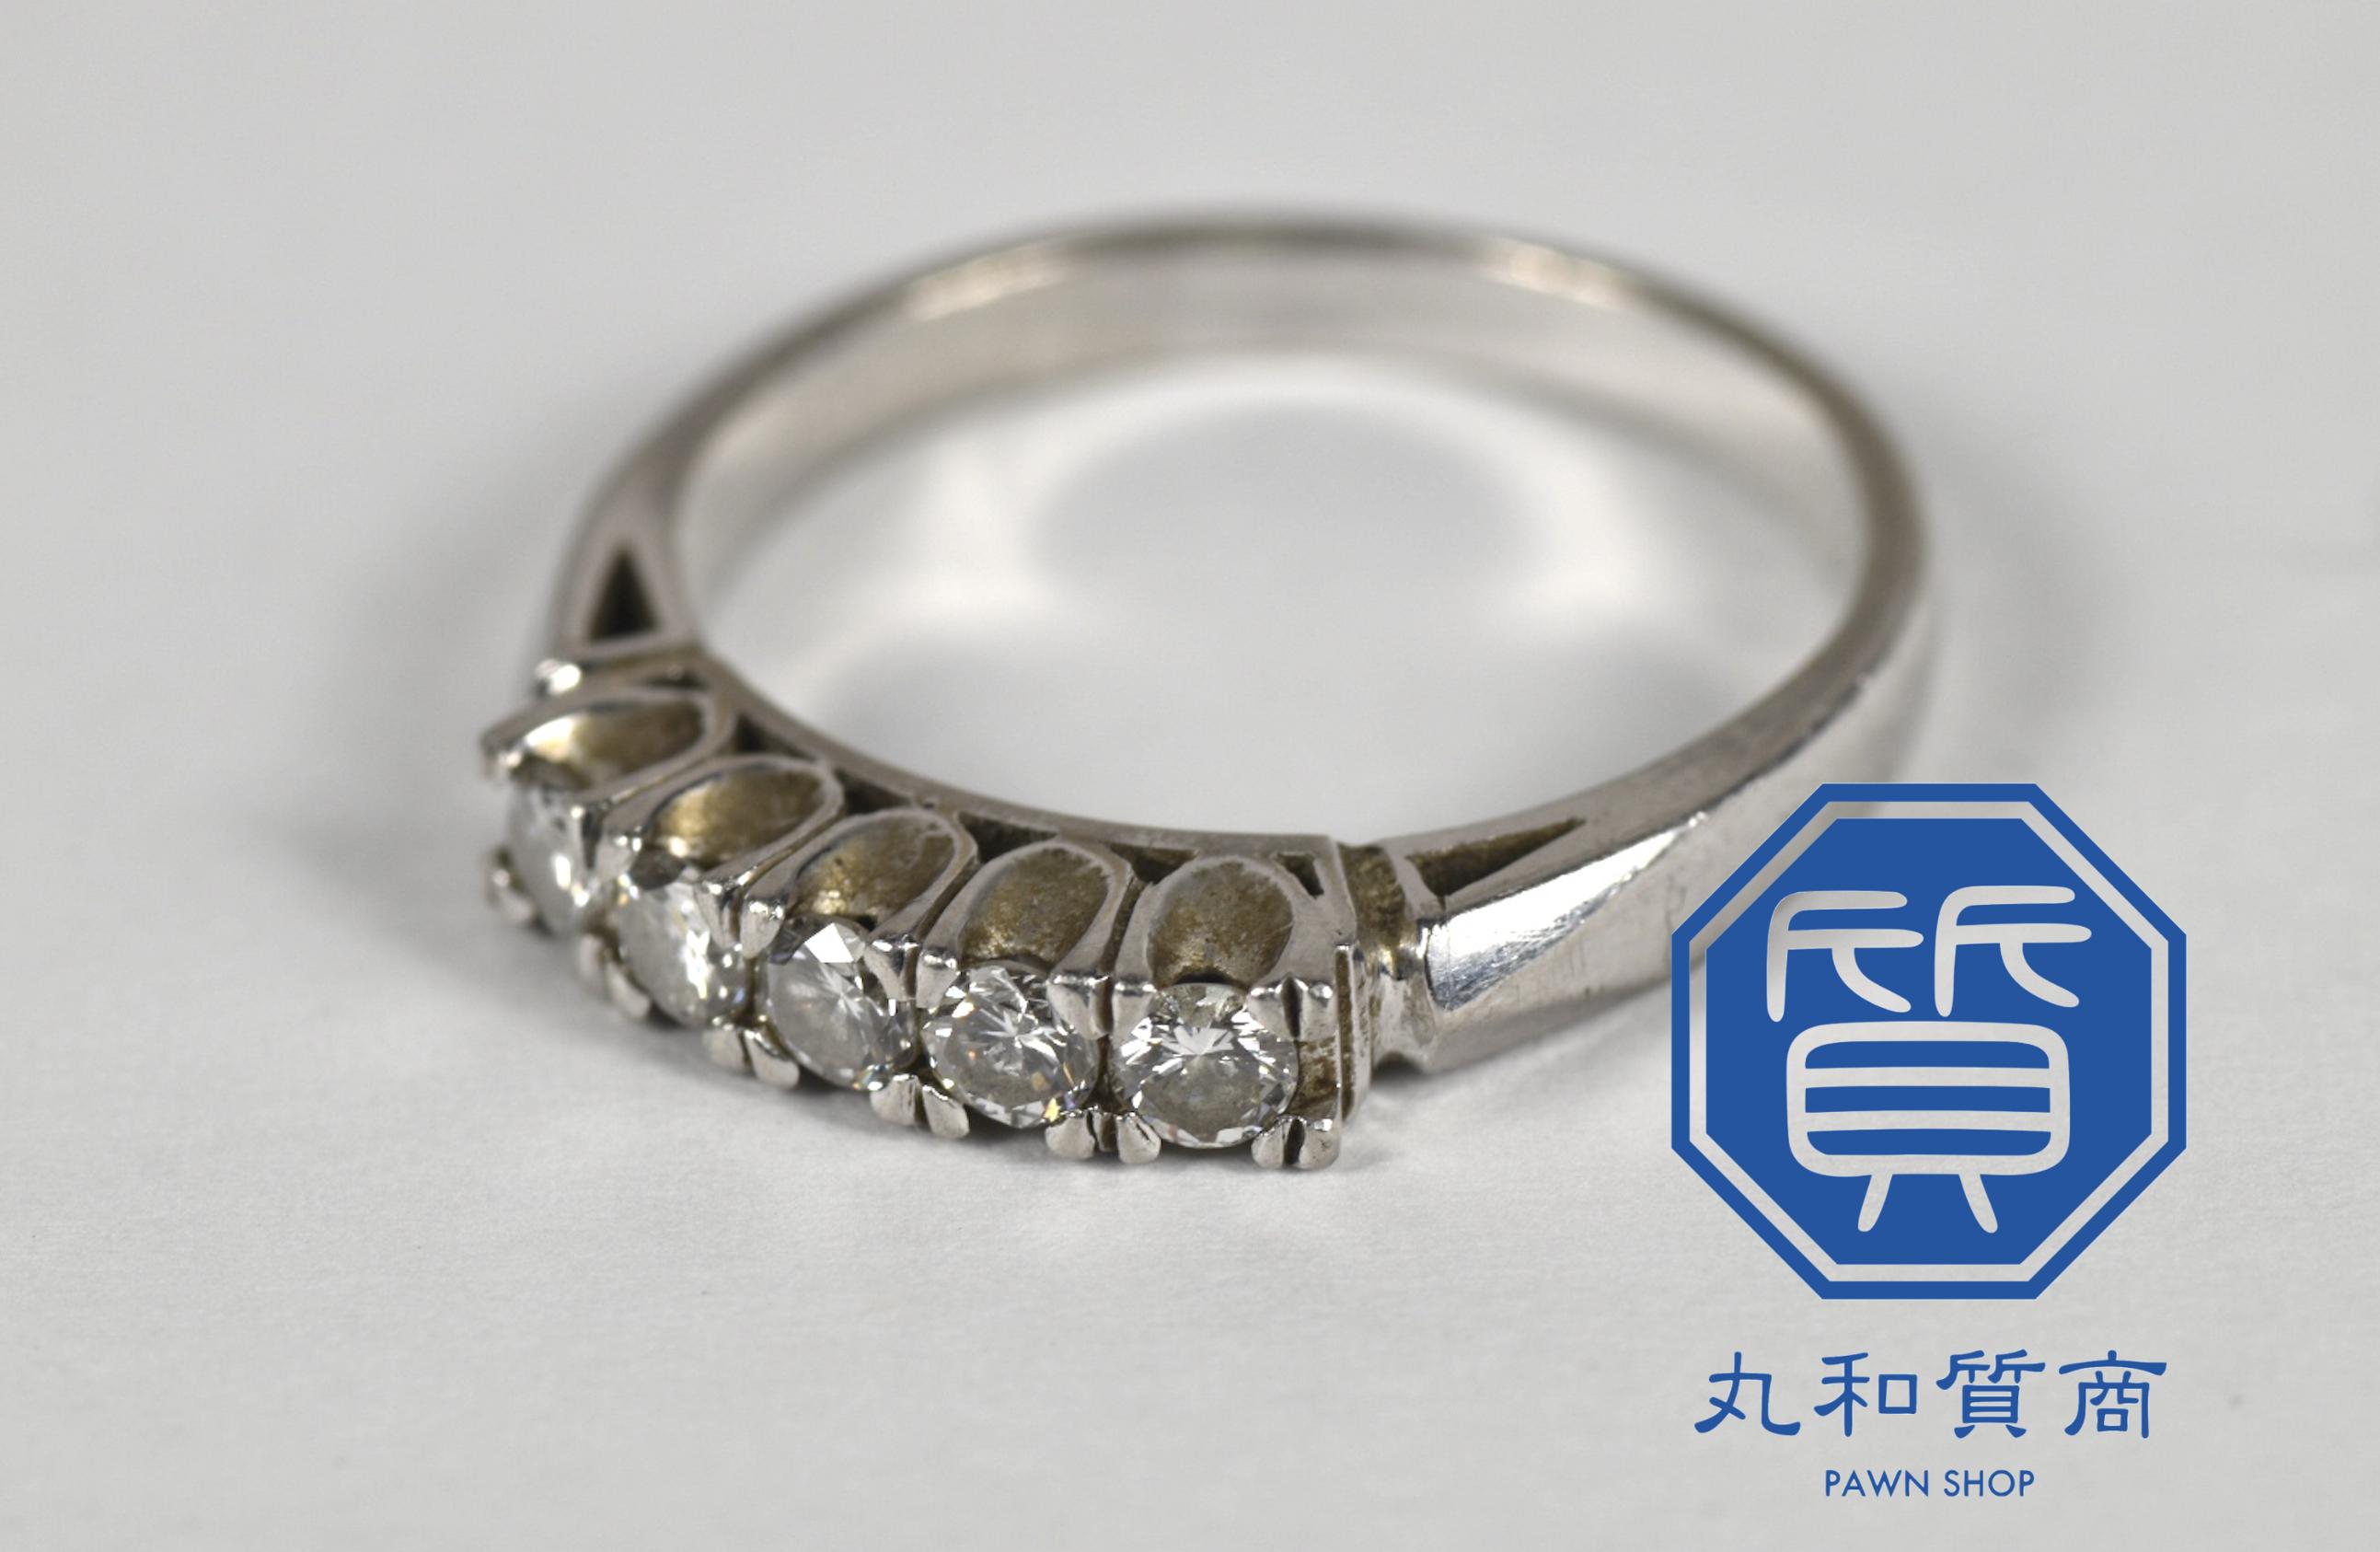 プラチナ(Pt850)イニシャル入りのダイヤモンドリング,指輪をお買取させていただきました。